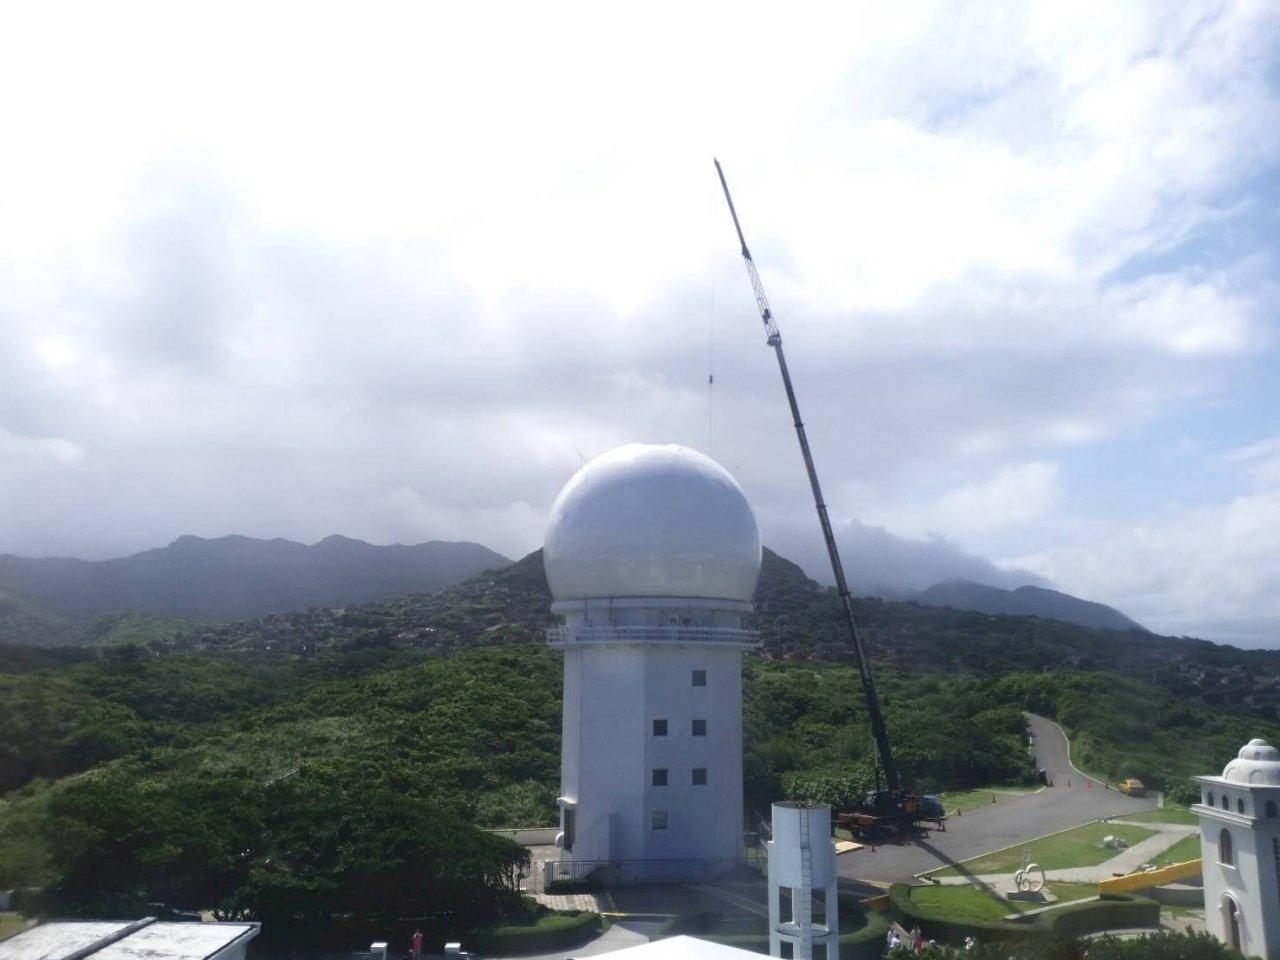 台灣最重要的雙眼 民航局南北長程雷達同步更新、年底啟用